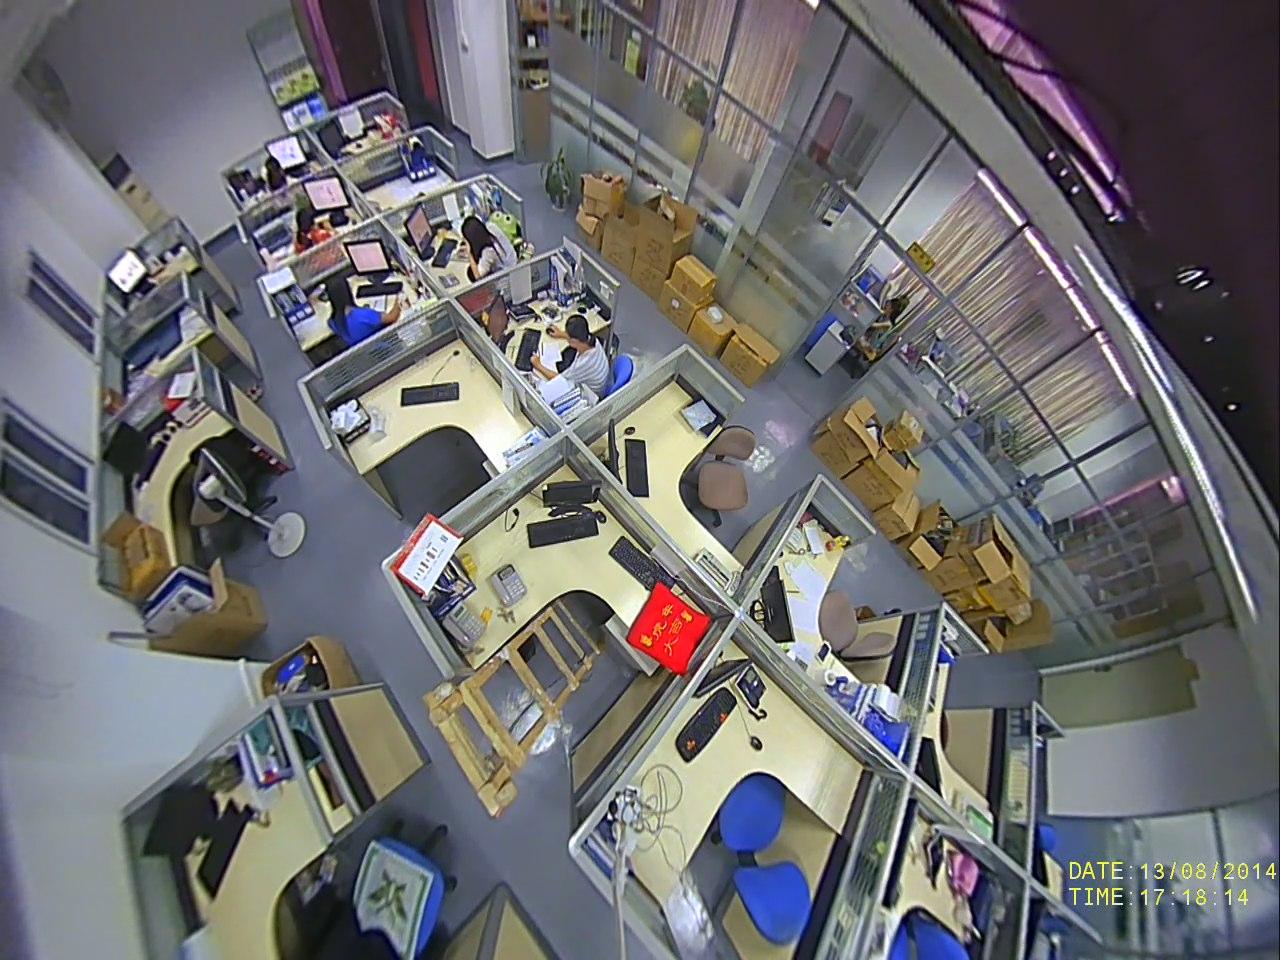 360 dome camera